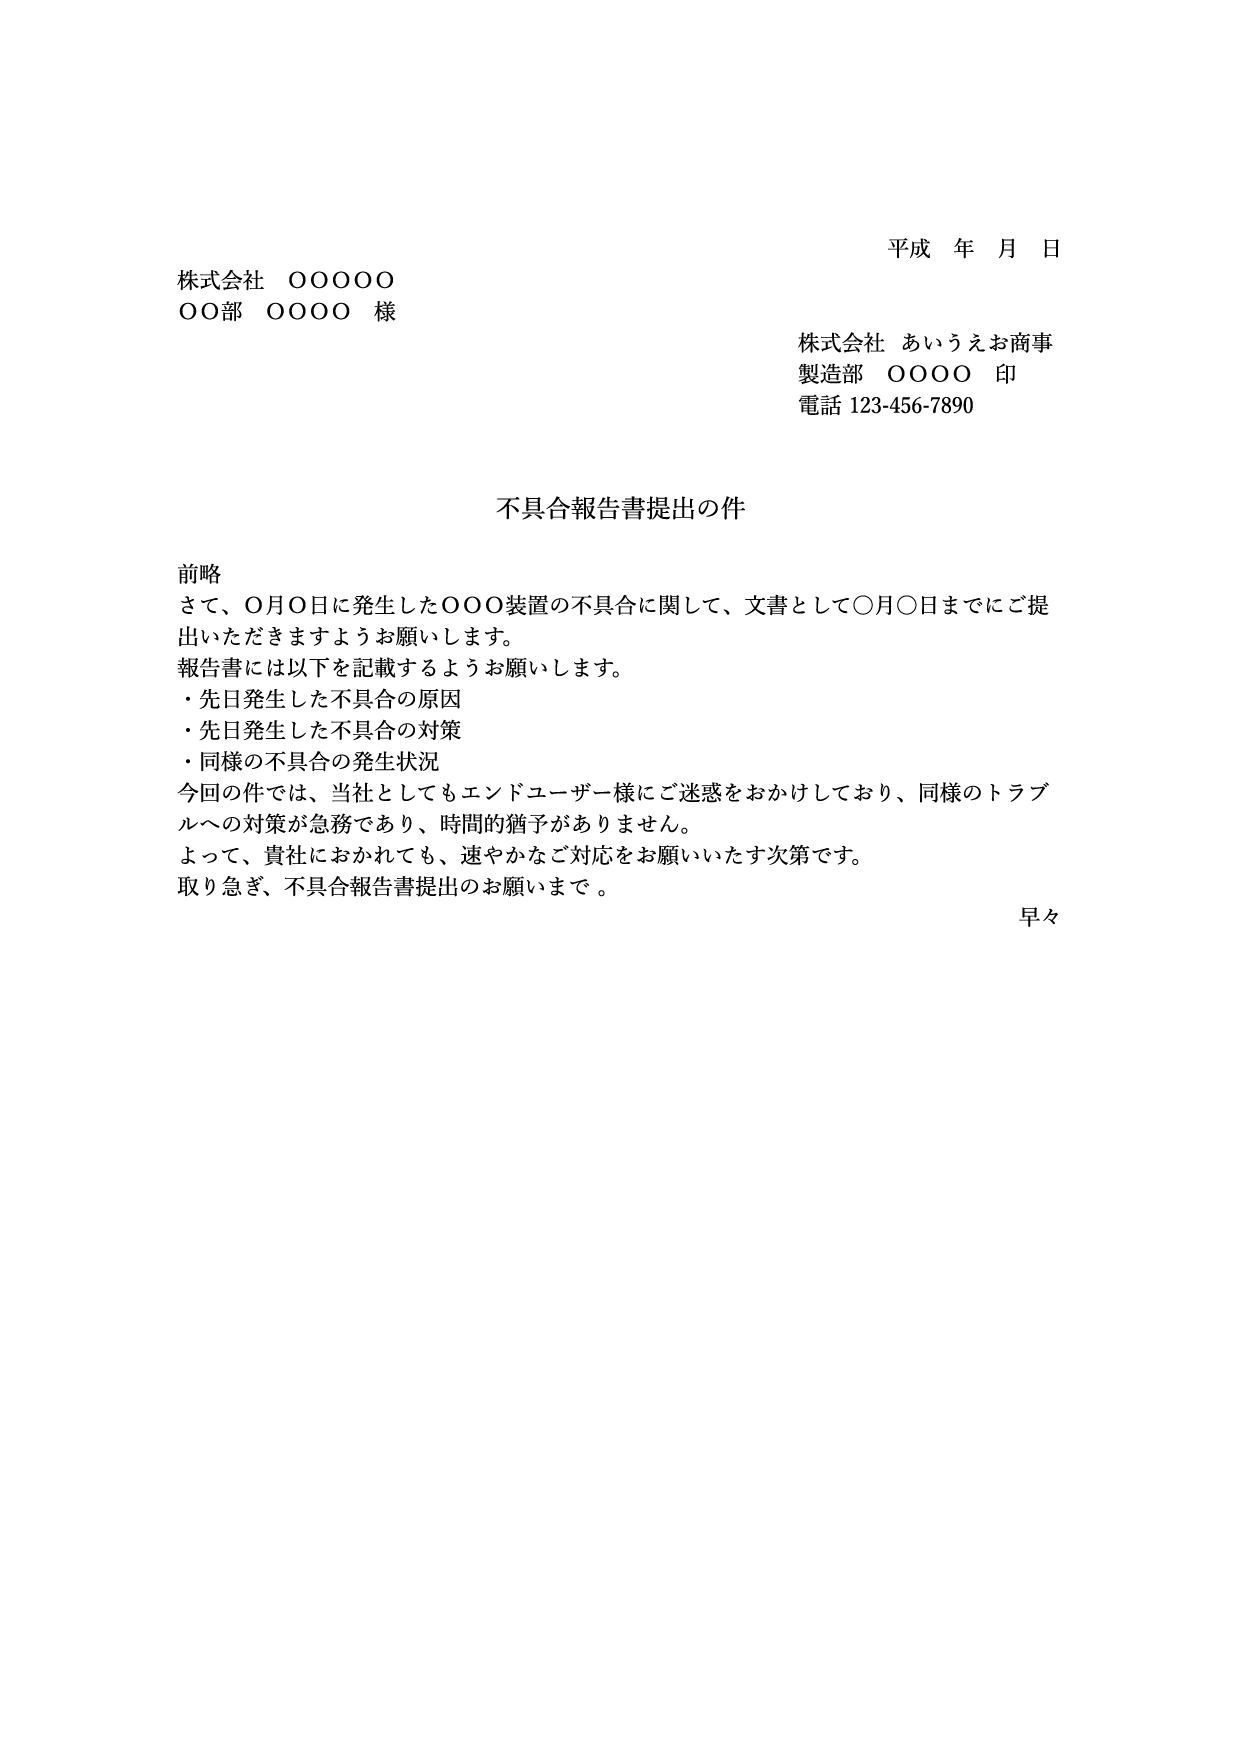 依頼状テンプレート『報告書』(ワード・ページズ)